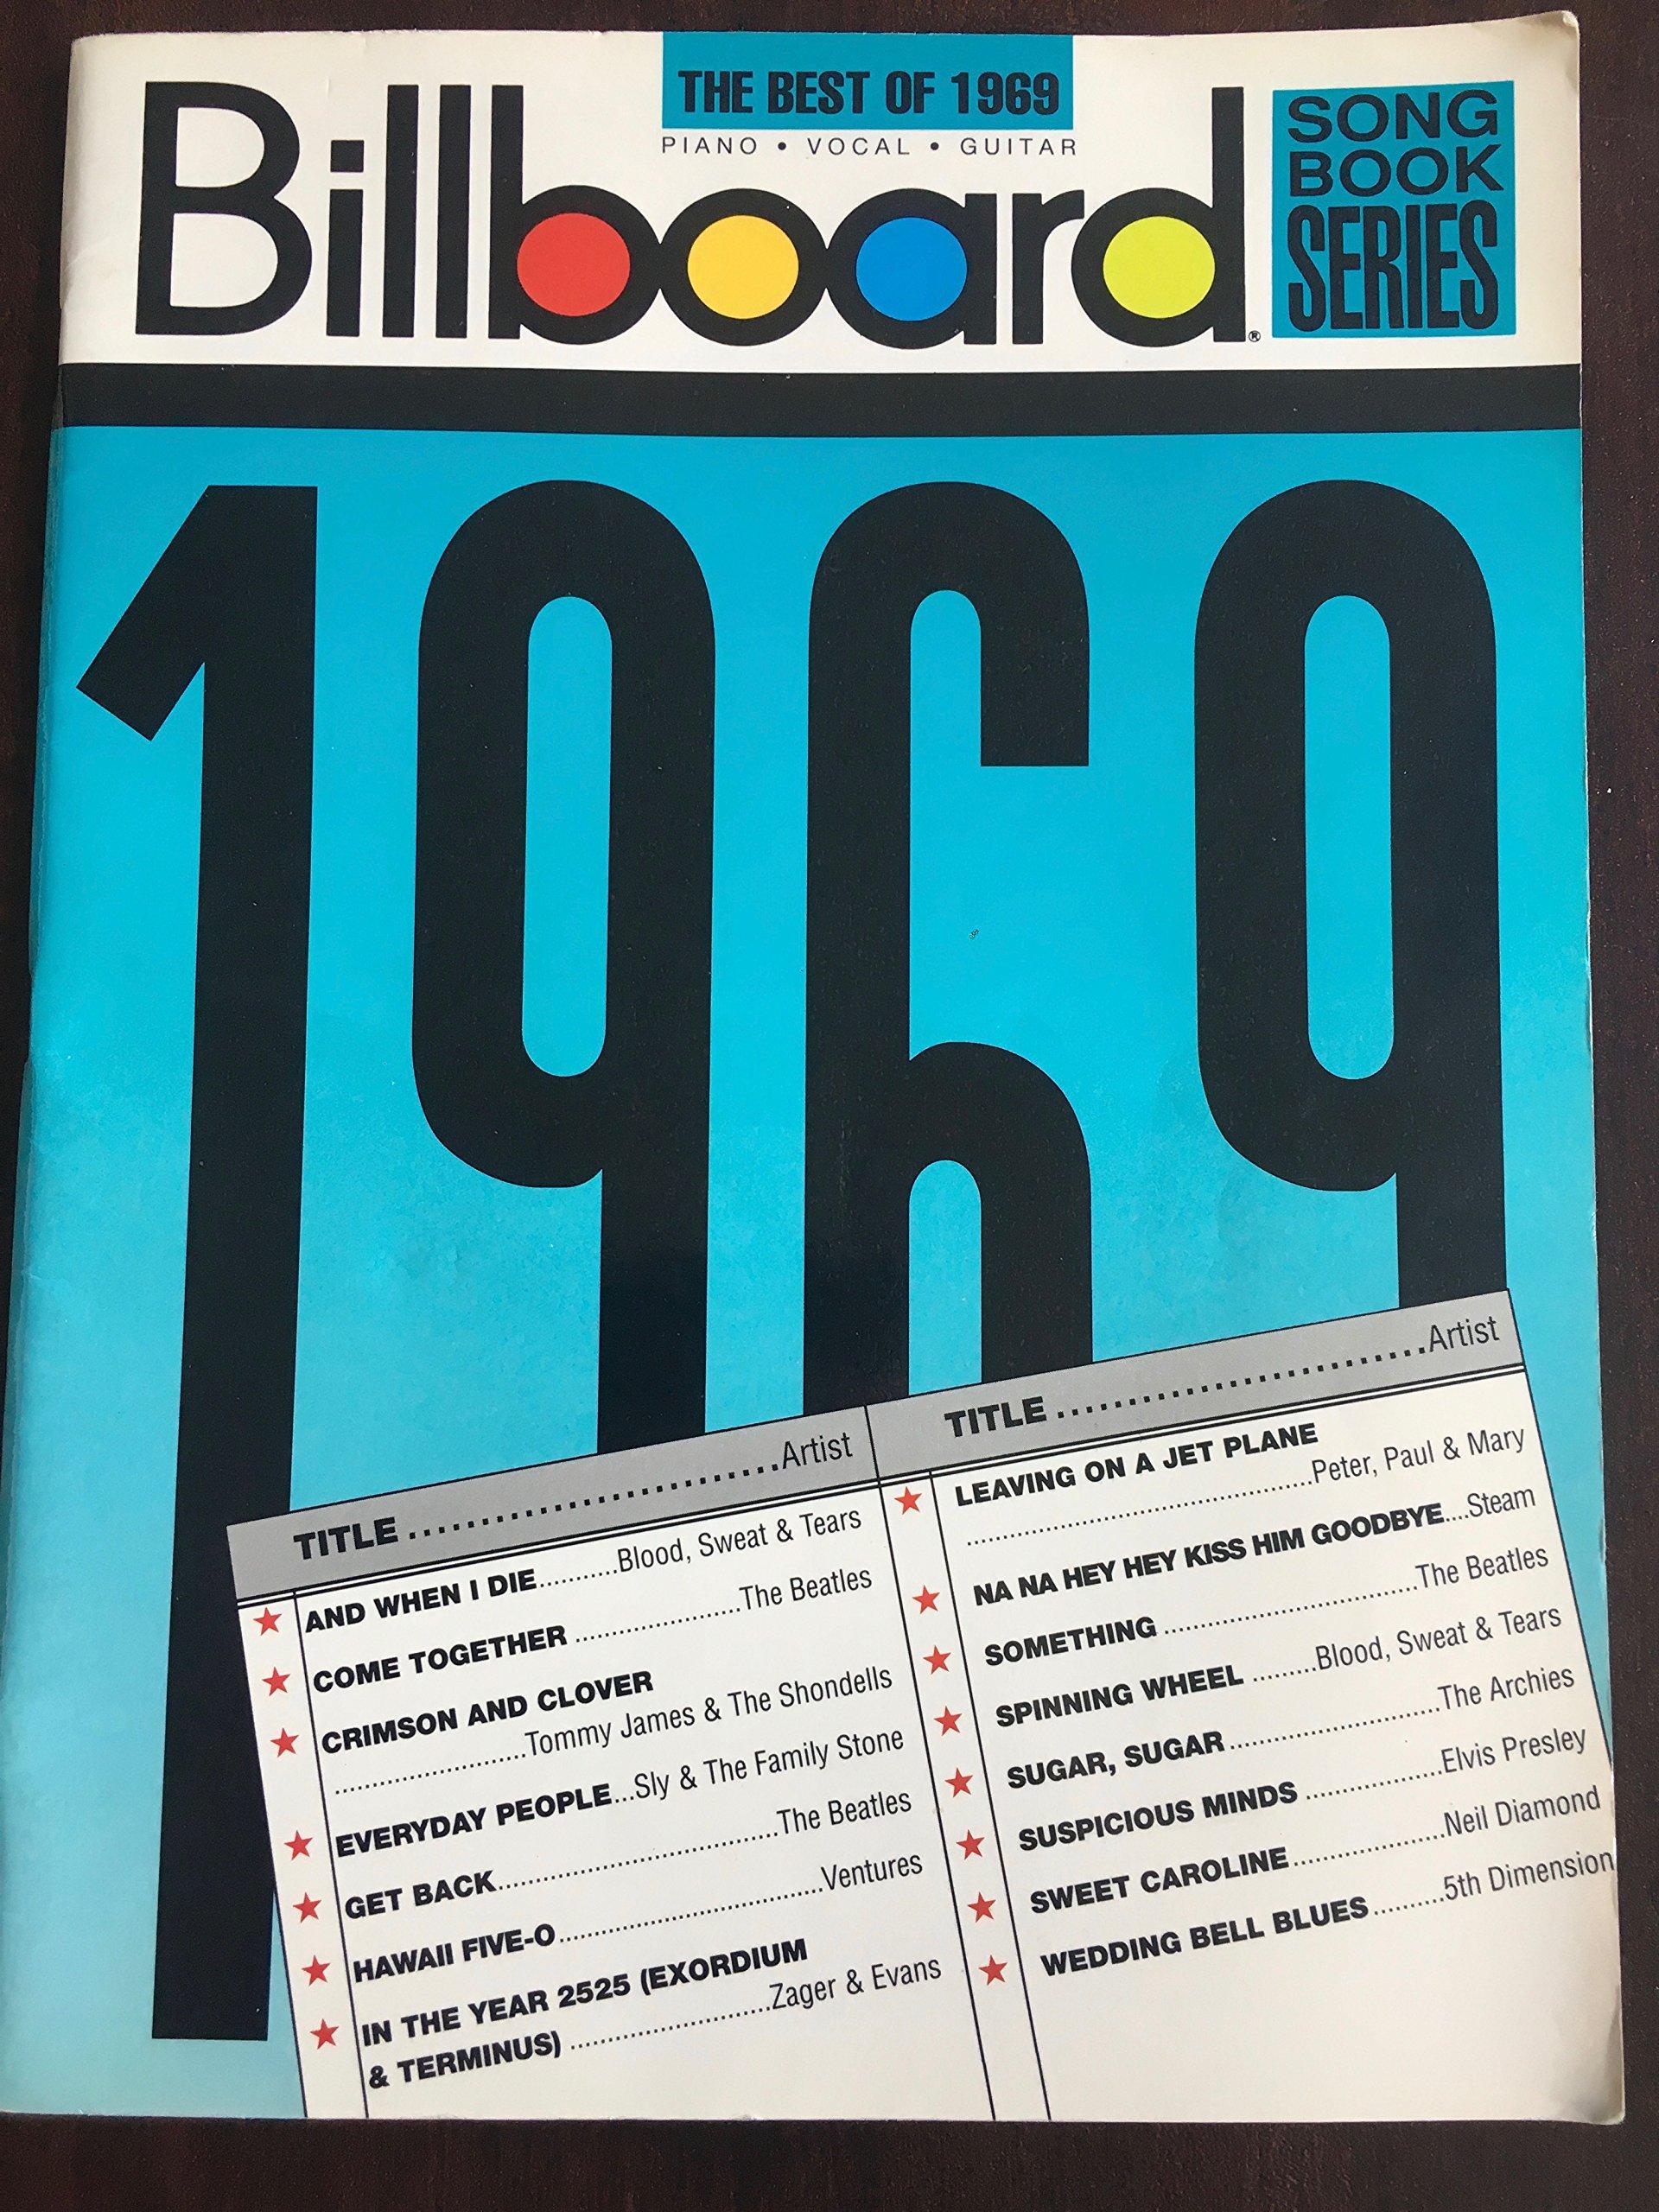 Billboard Series Best of 1969: Amazon.es: Libros en idiomas ...